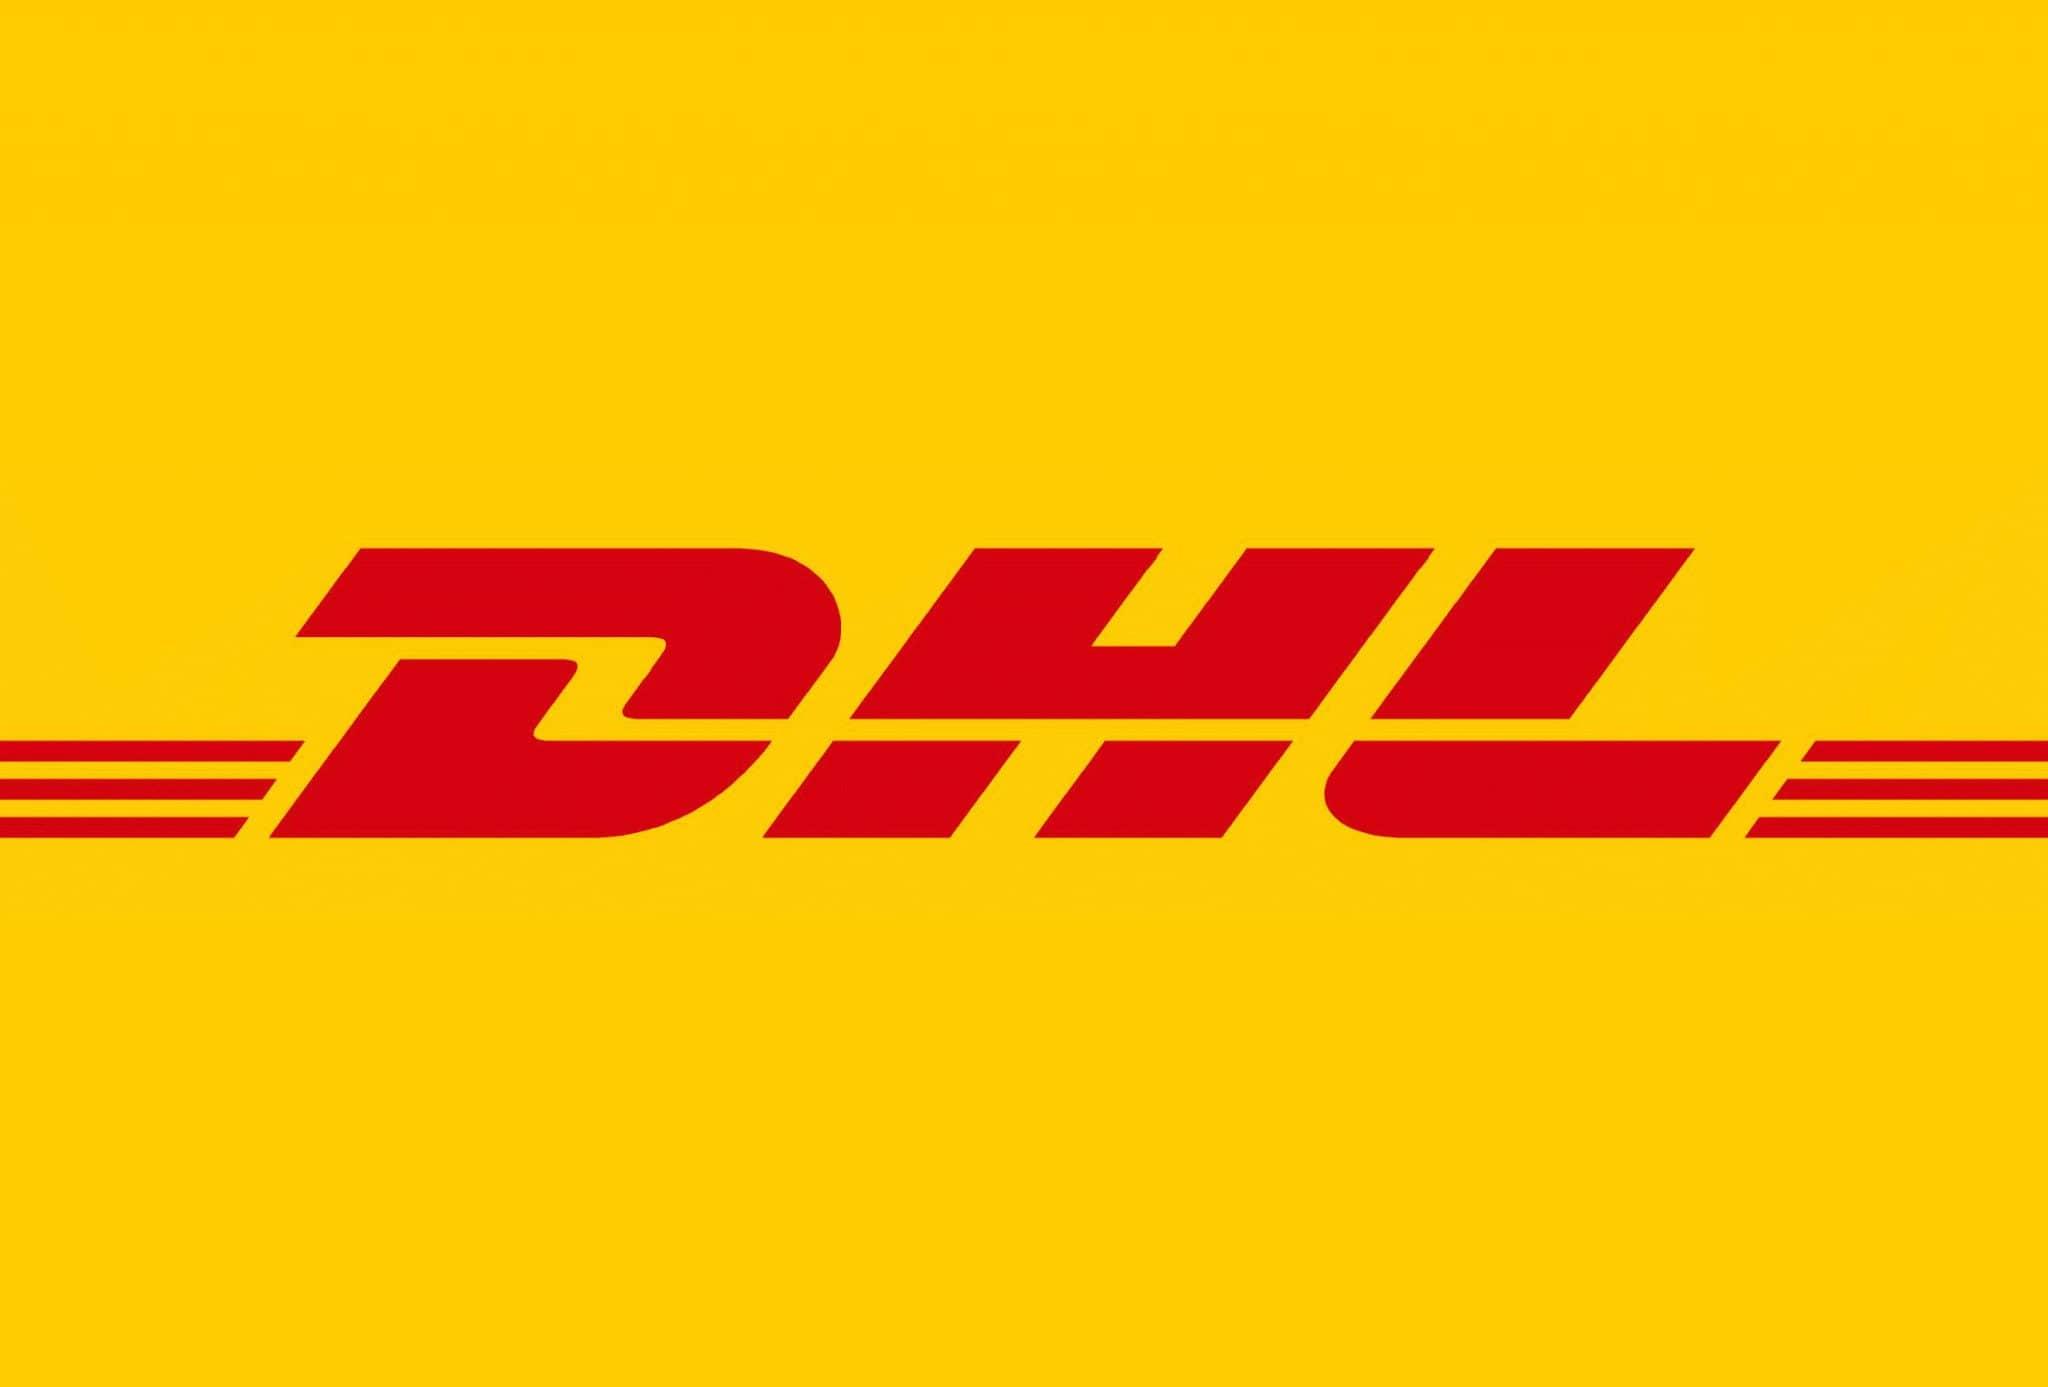 Das Logo von DHL